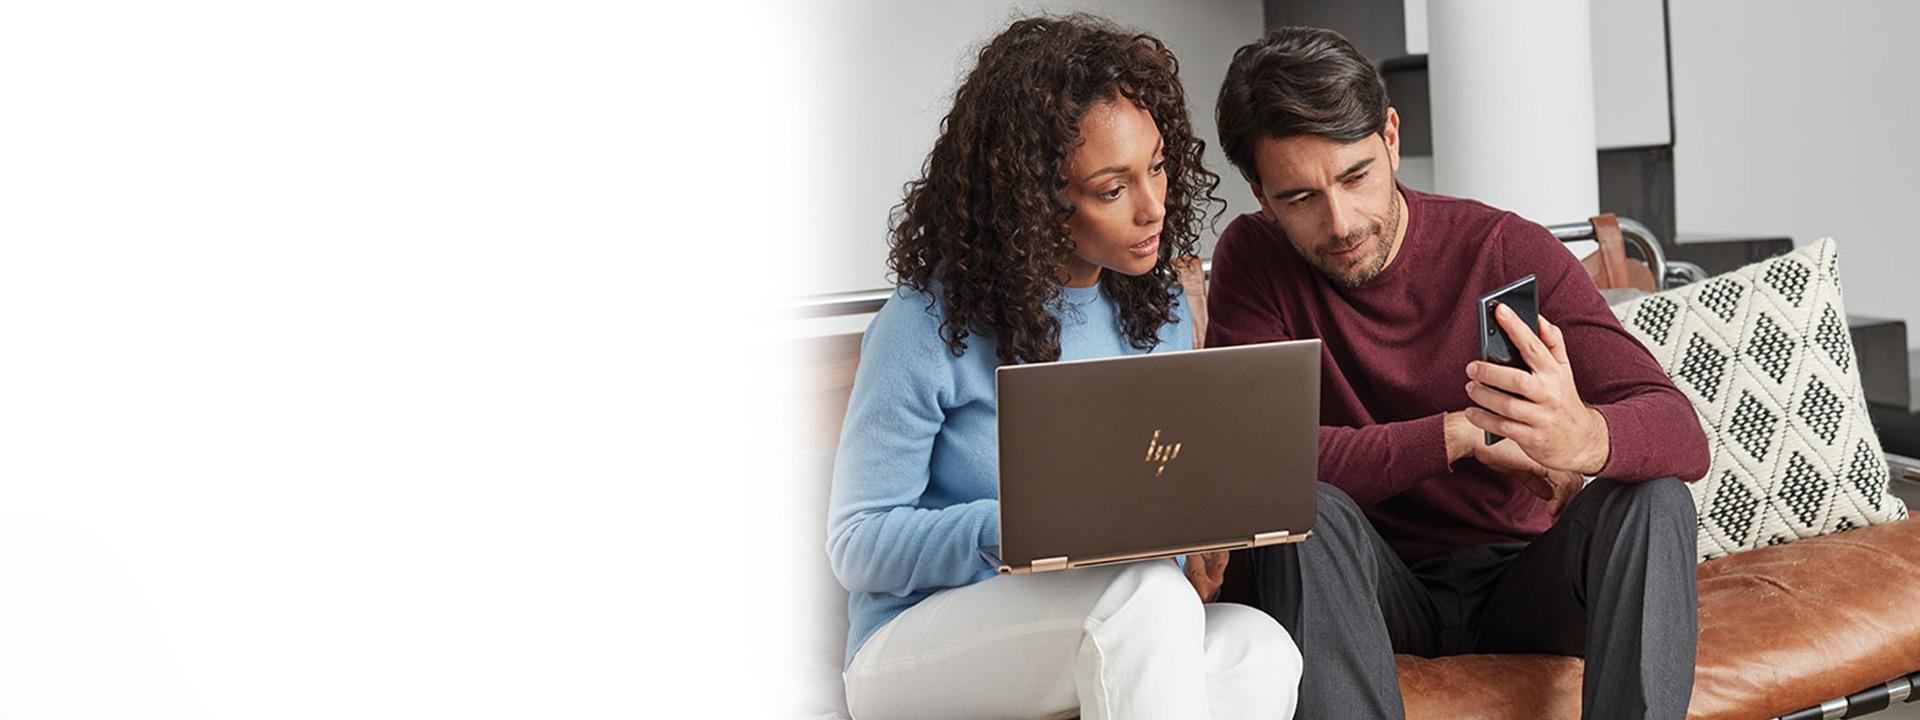 Ženska in moški sedite na kavču ter skupaj gledate v prenosnik in prenosno napravo s sistemom Windows 10